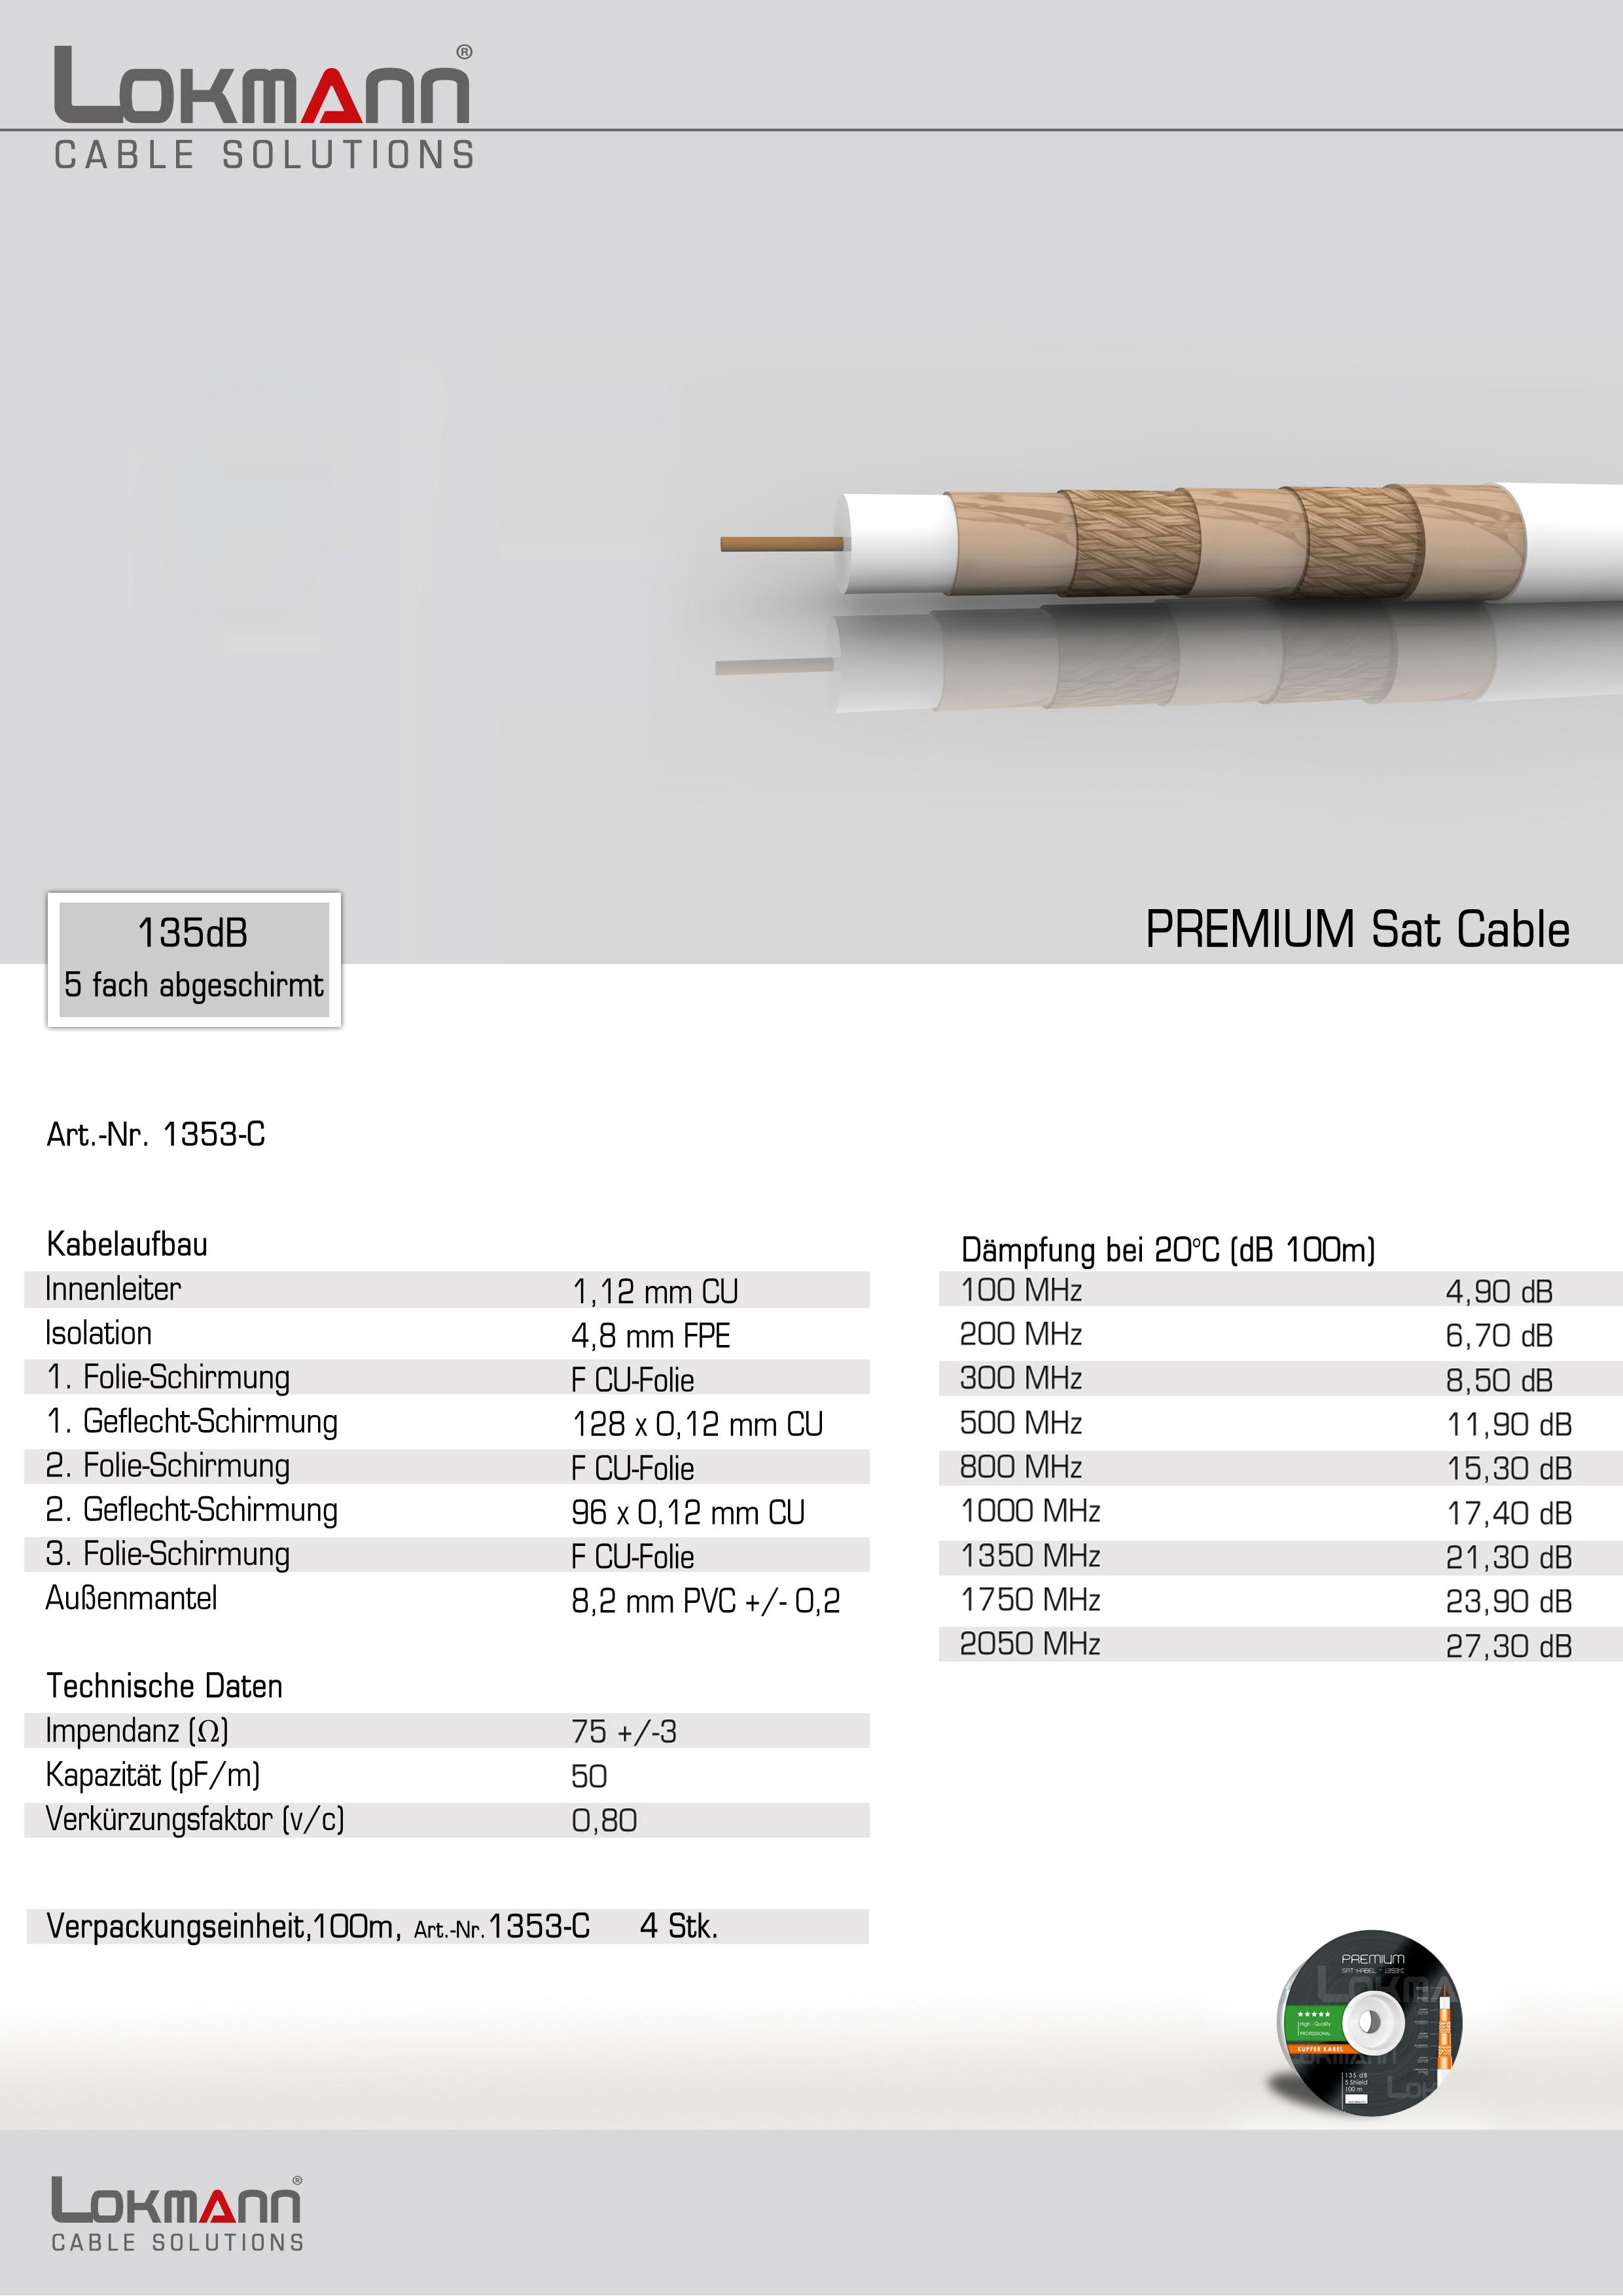 Lokmann Premium Koax Sat Kabel Bei diesem Kabel handelt es sich um ...